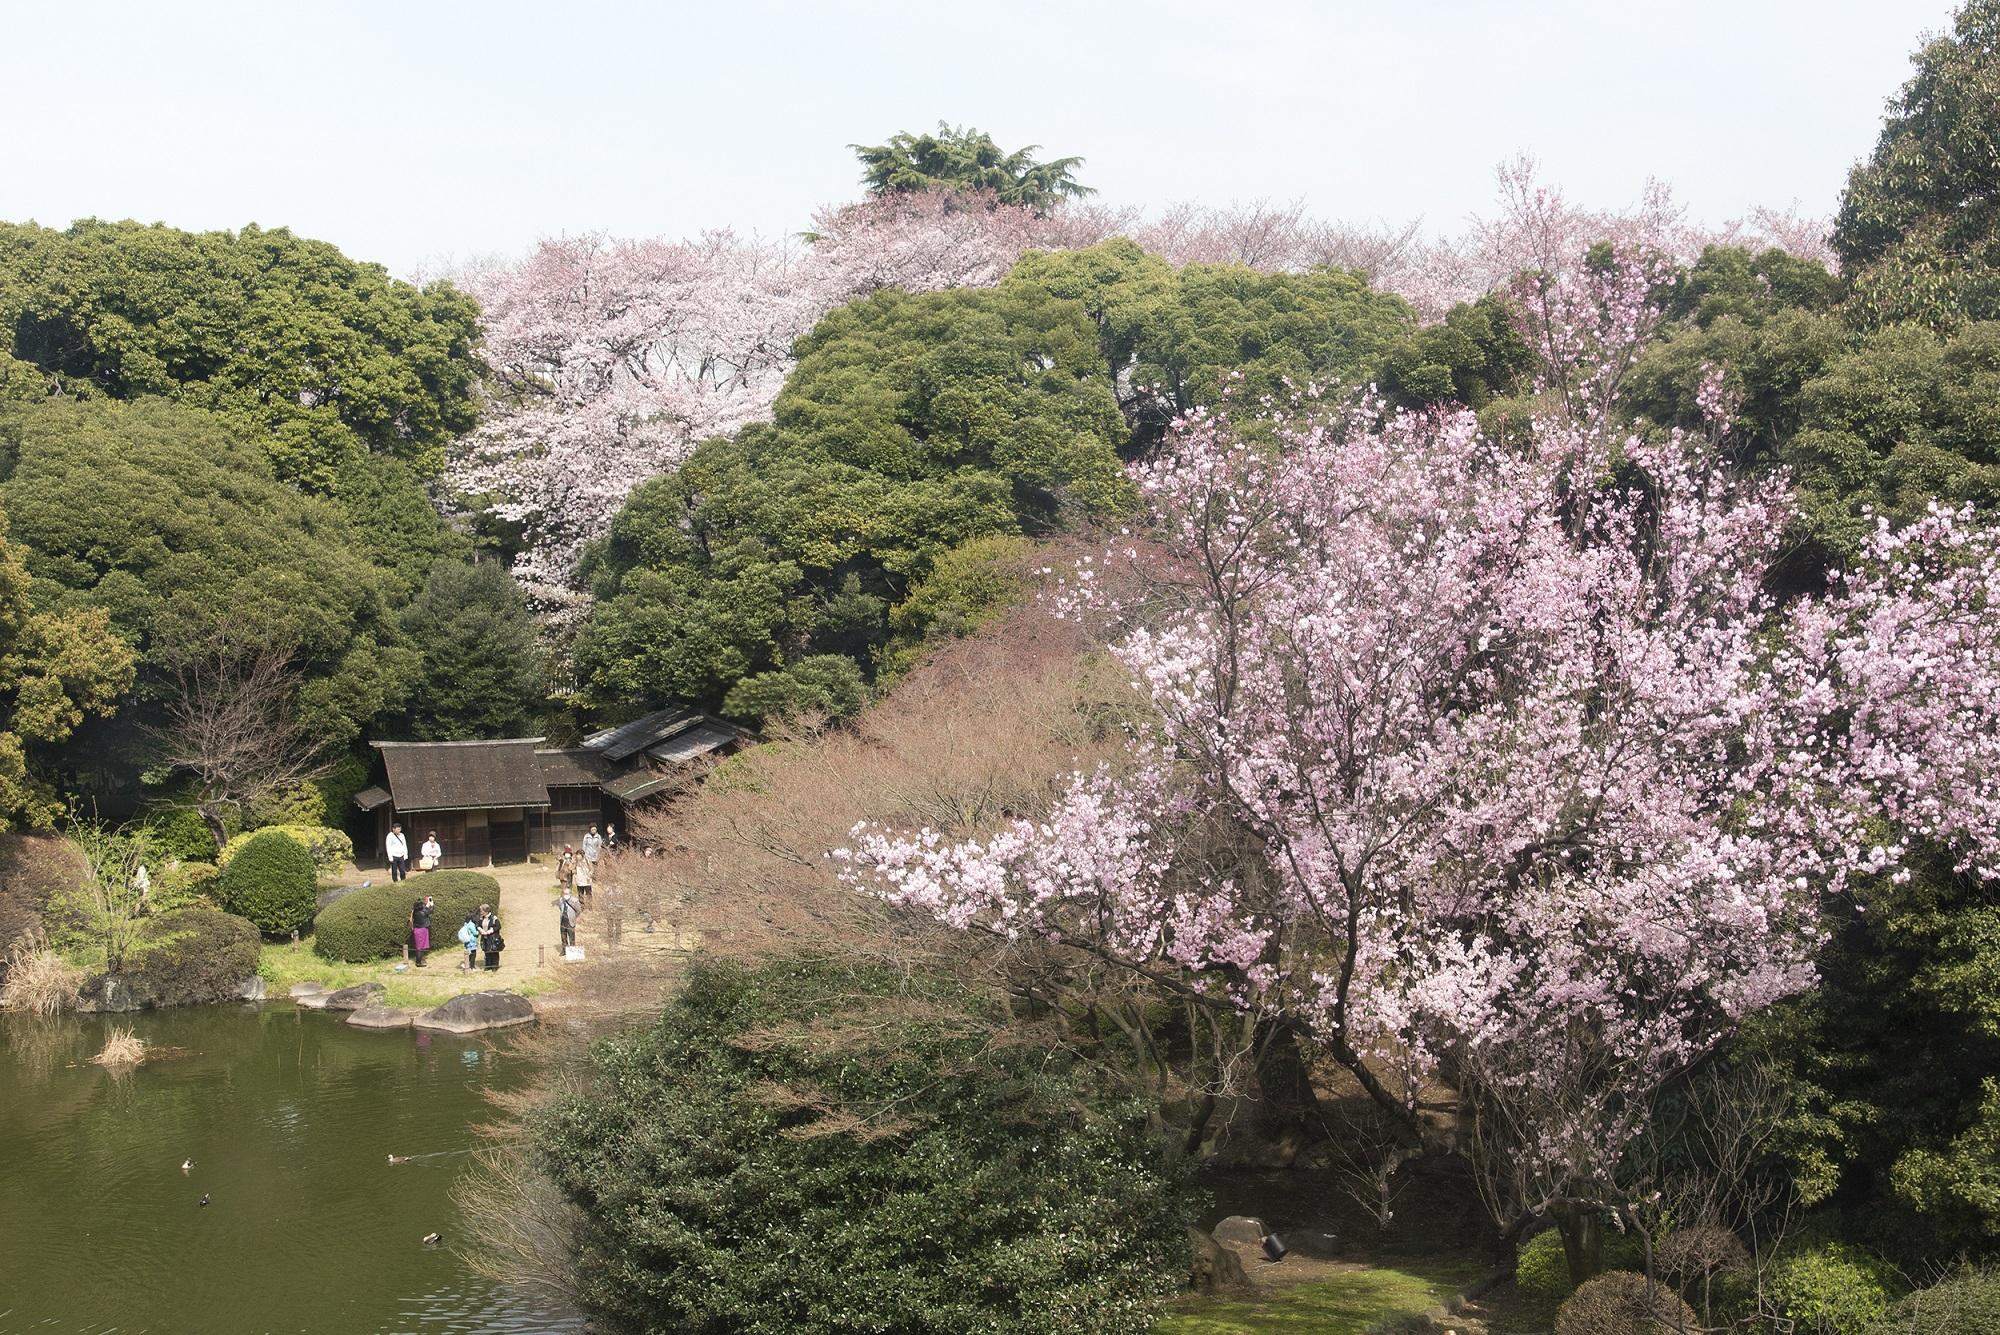 博物館でお花見を 2017 東京国立博物館 (amuzen article)